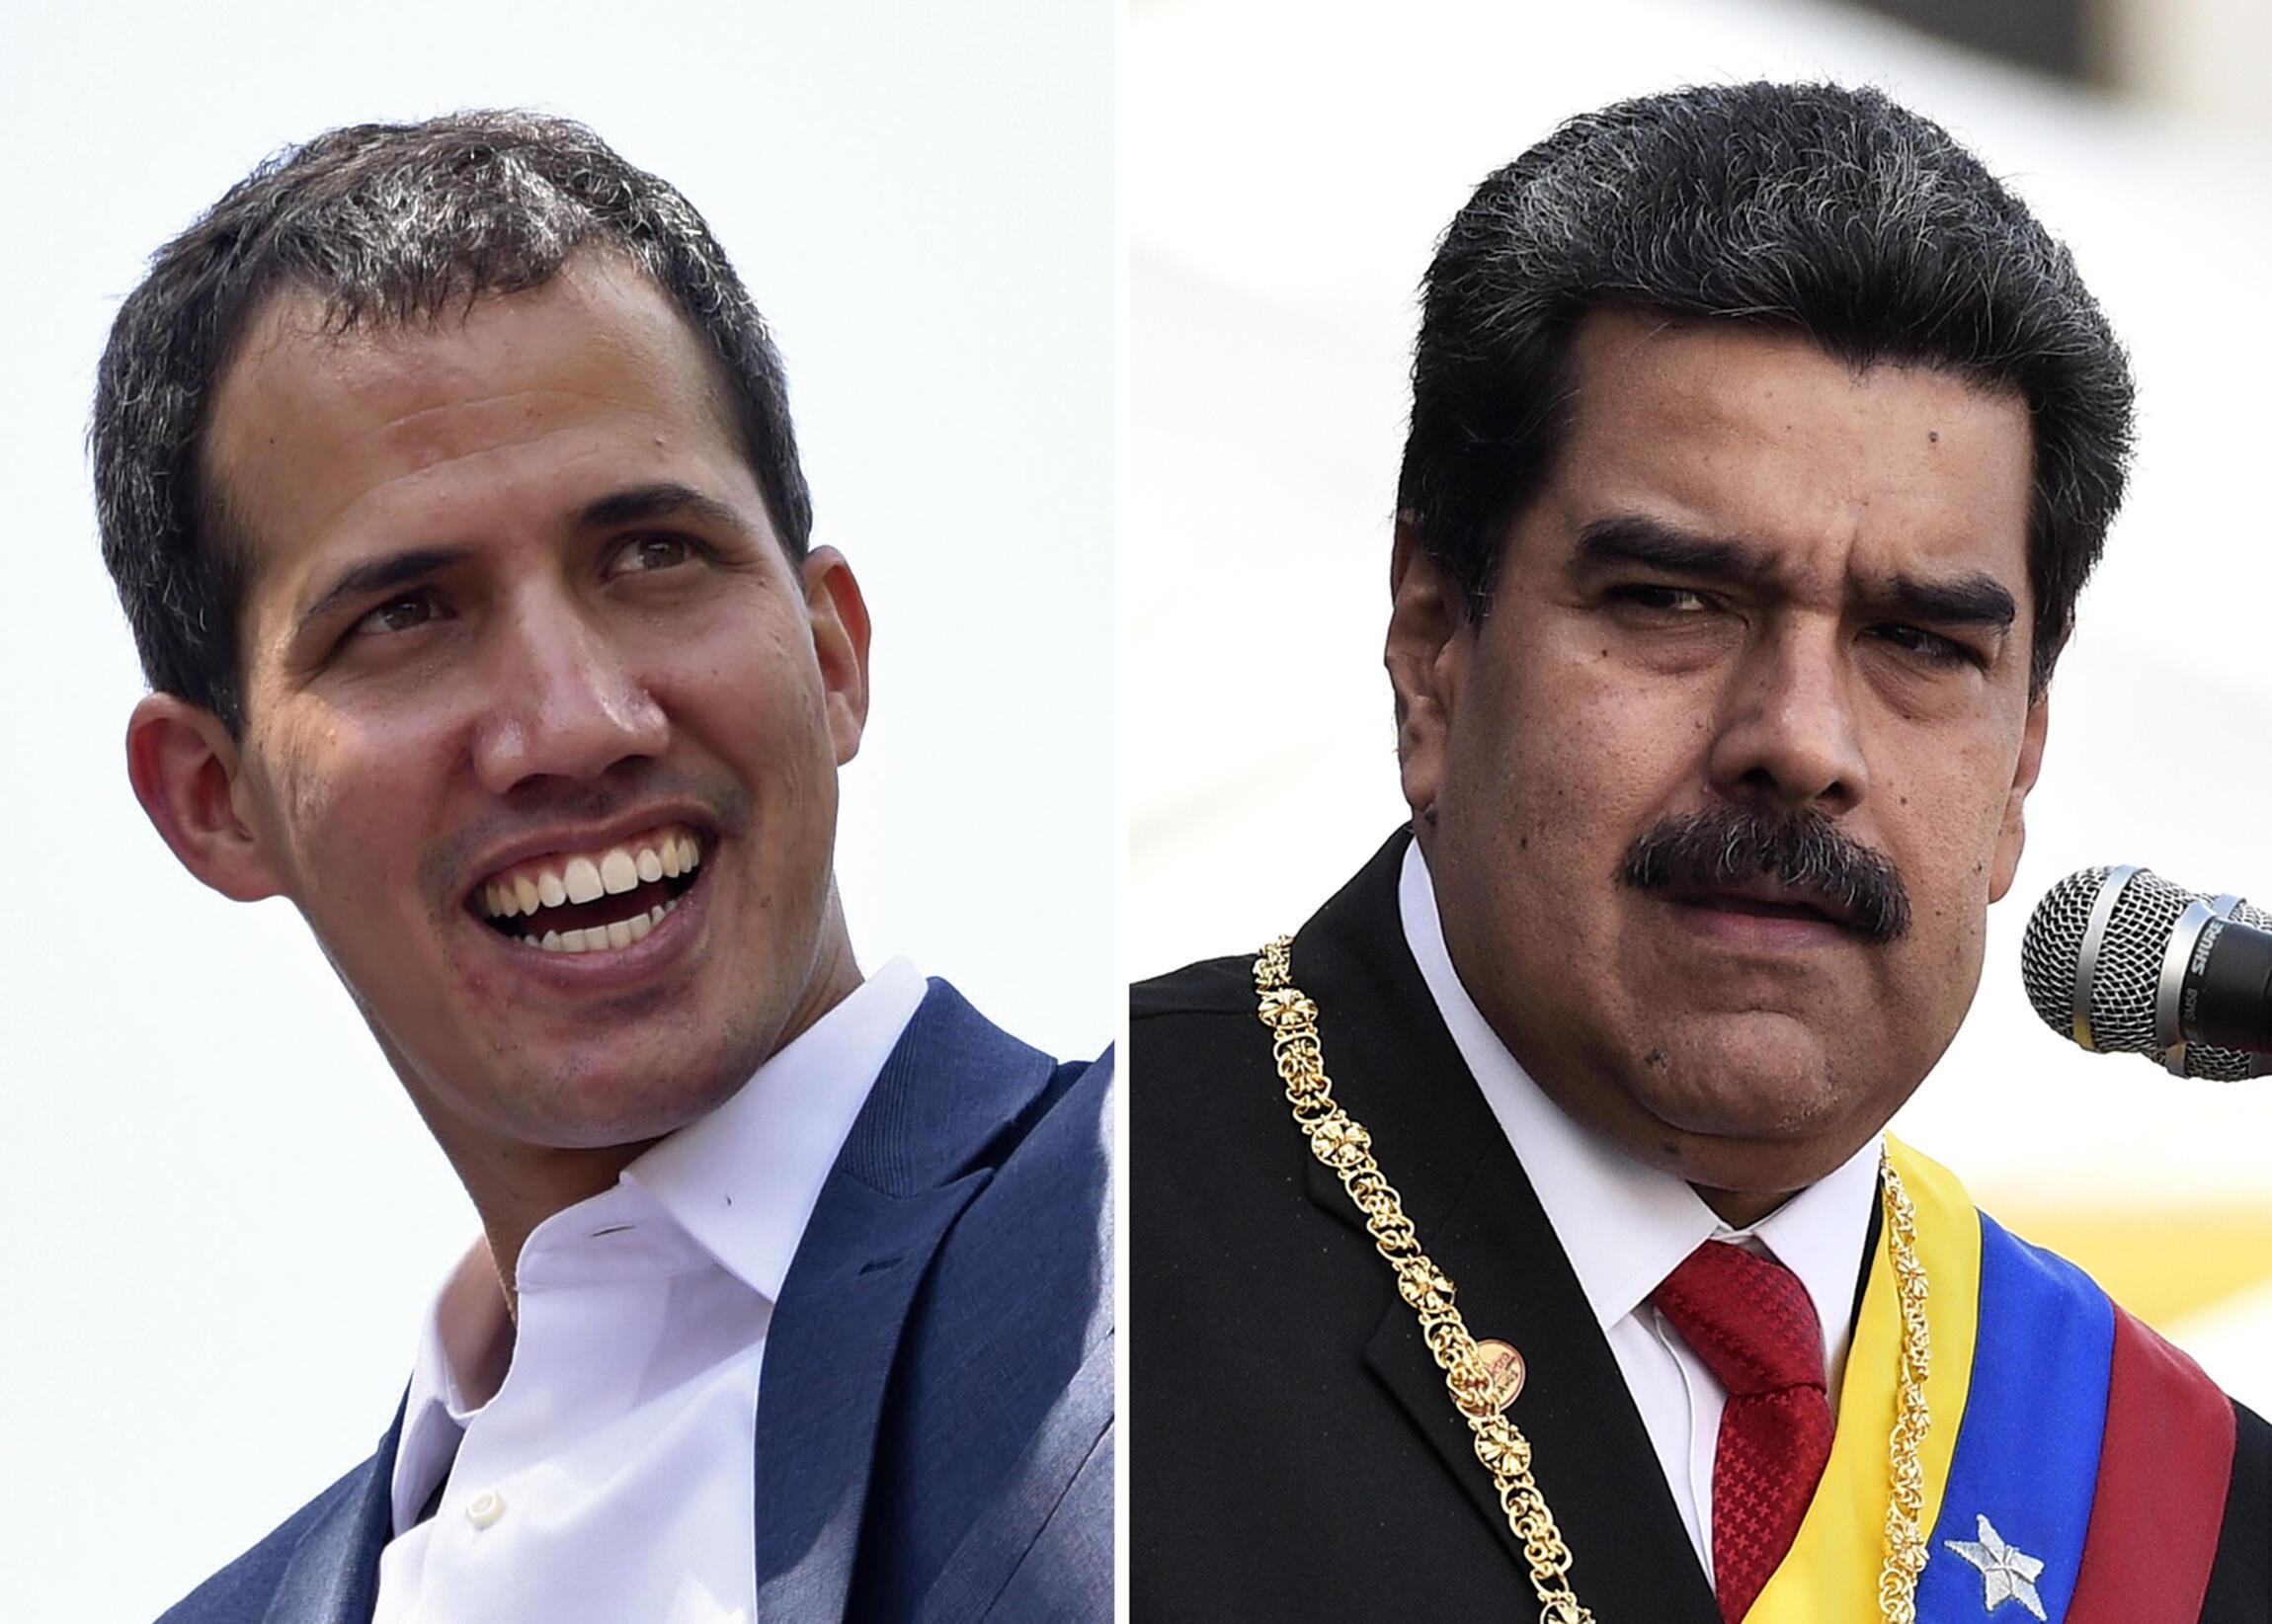 (ARCHIVOS) Esta combinación de archivos de imágenes creadas el 4 de febrero de 2019 muestra al líder de la oposición venezolana Juan Guaido (I) sonriendo durante una reunión con sus partidarios en Caracas el 2 de febrero de 2019 y otra del presidente venezolano Nicolás Maduro pronunciando un discurso durante la ceremonia de reconocimiento de la Fuerza Armada Nacional Bolivariana (FANB) en el Complejo Militar Fuerte Tiuna en Caracas el 10 de enero de 2019.